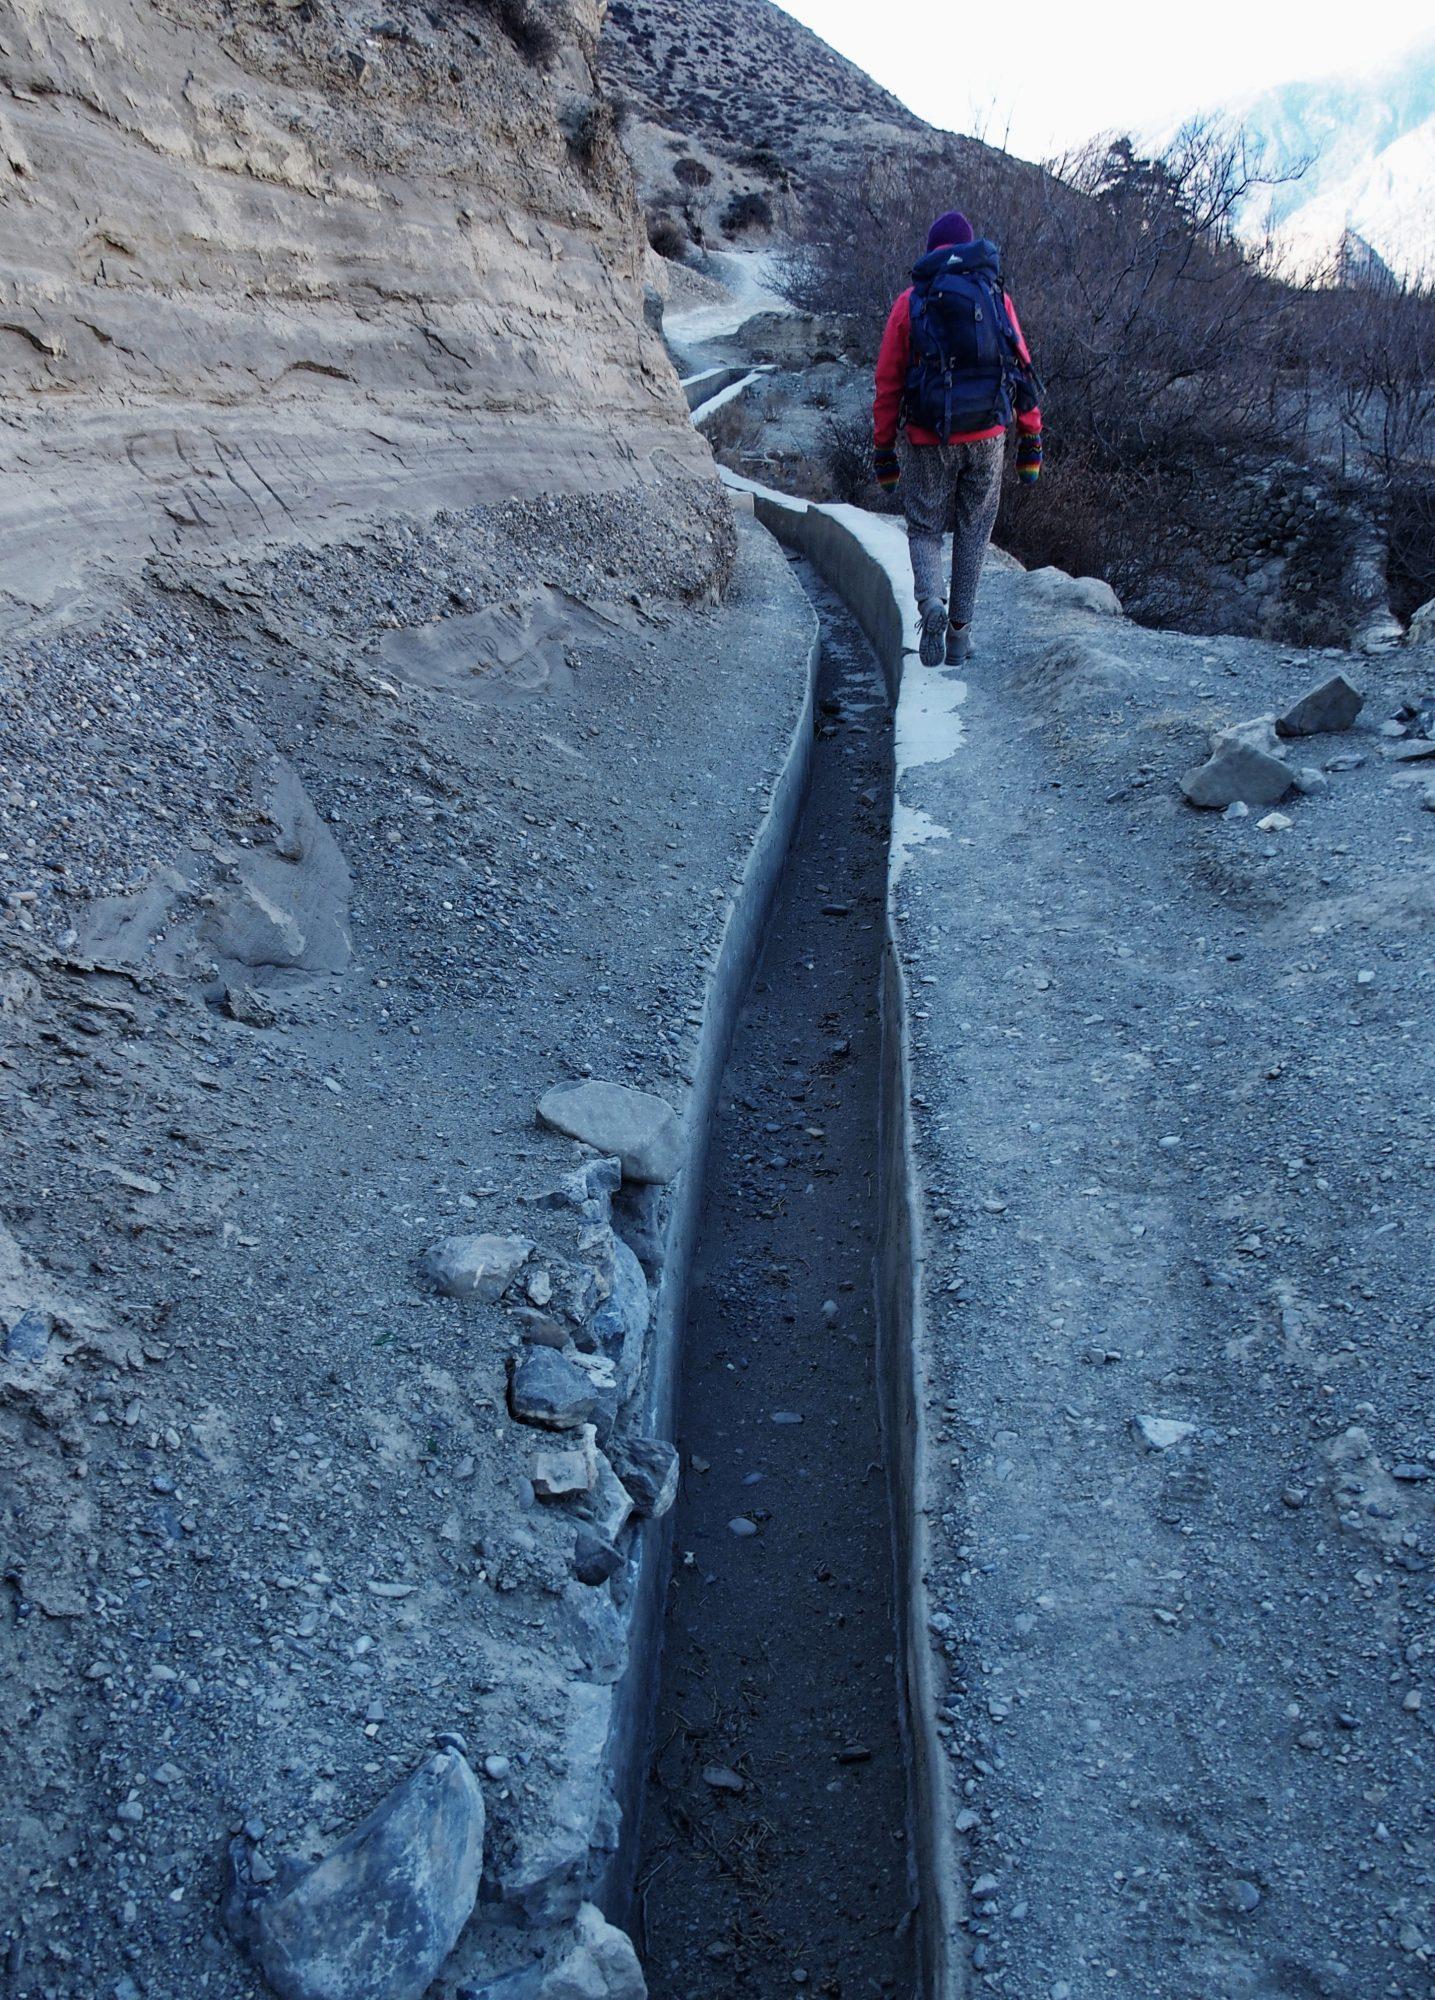 Annapurna Trekking entlang des Wasserkanals